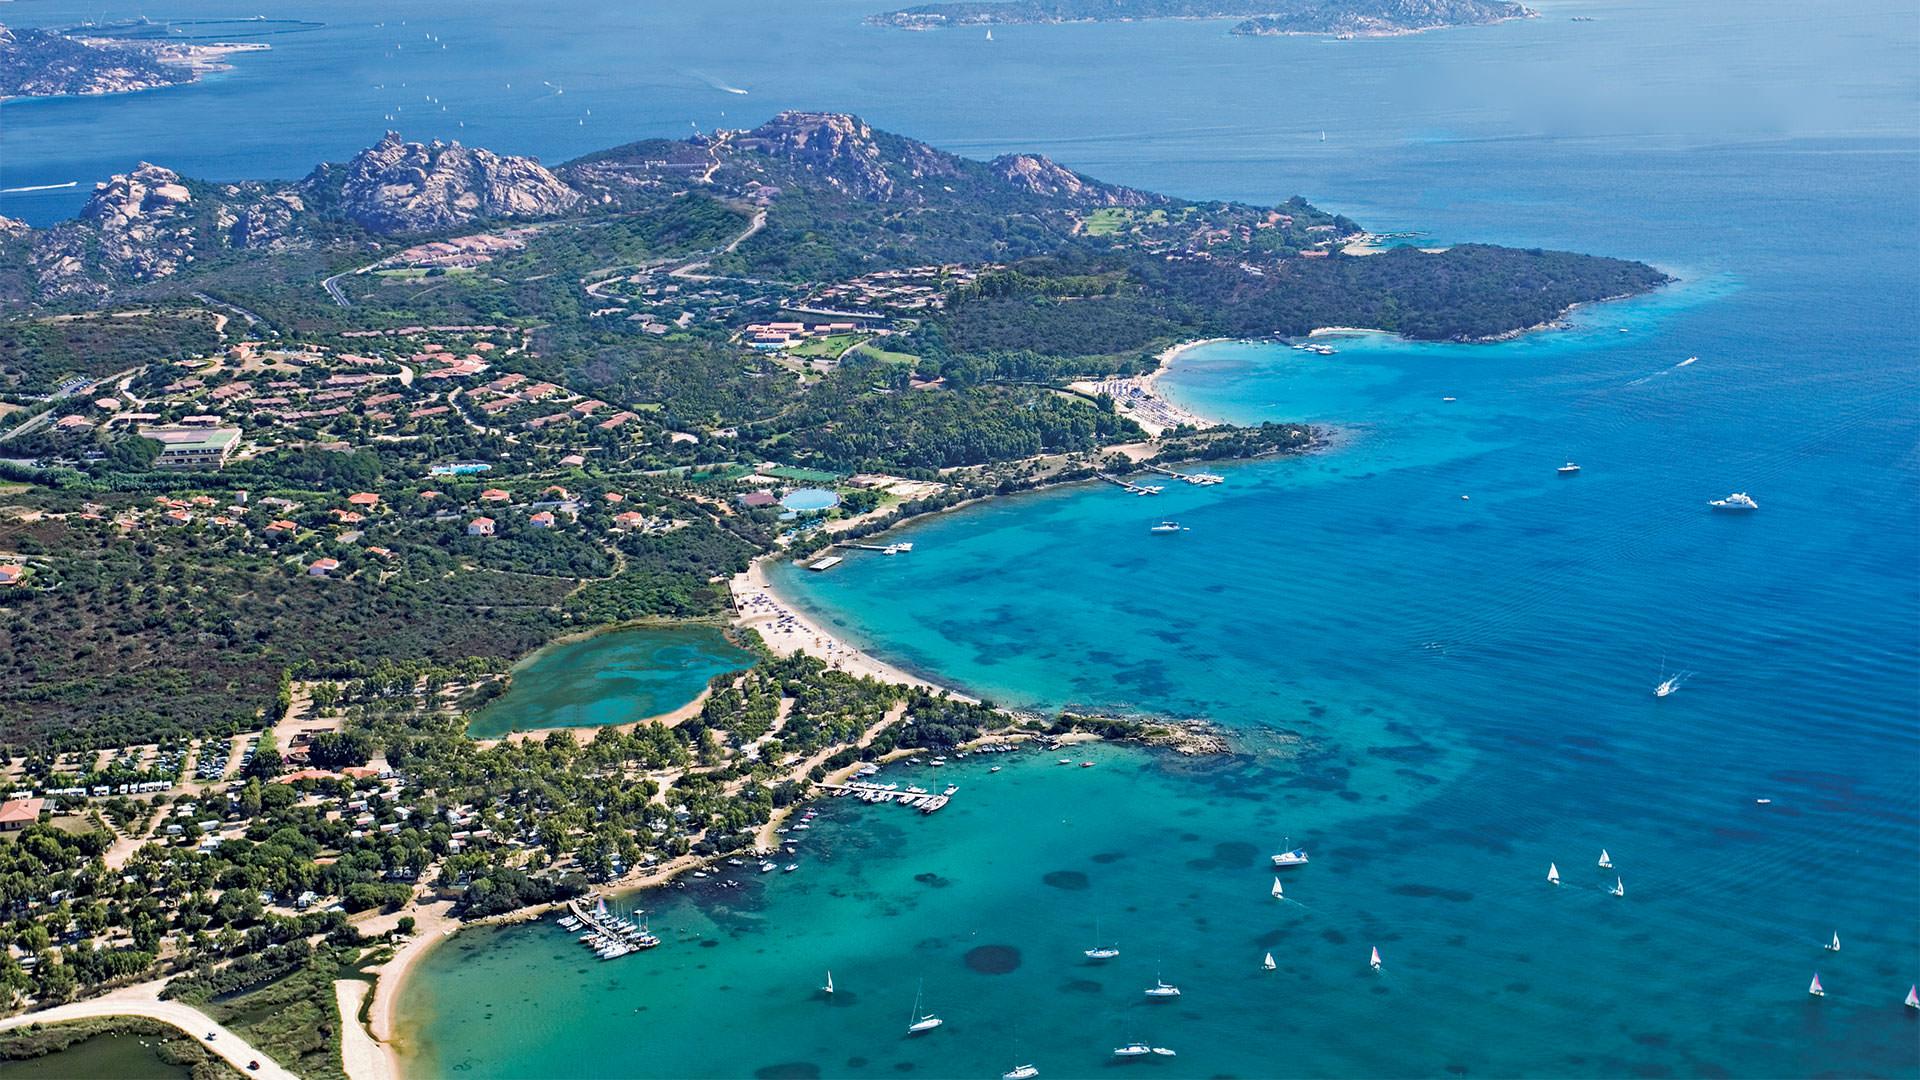 hotel-cala-lepre-slider-mare-spiaggia-palau-mini1